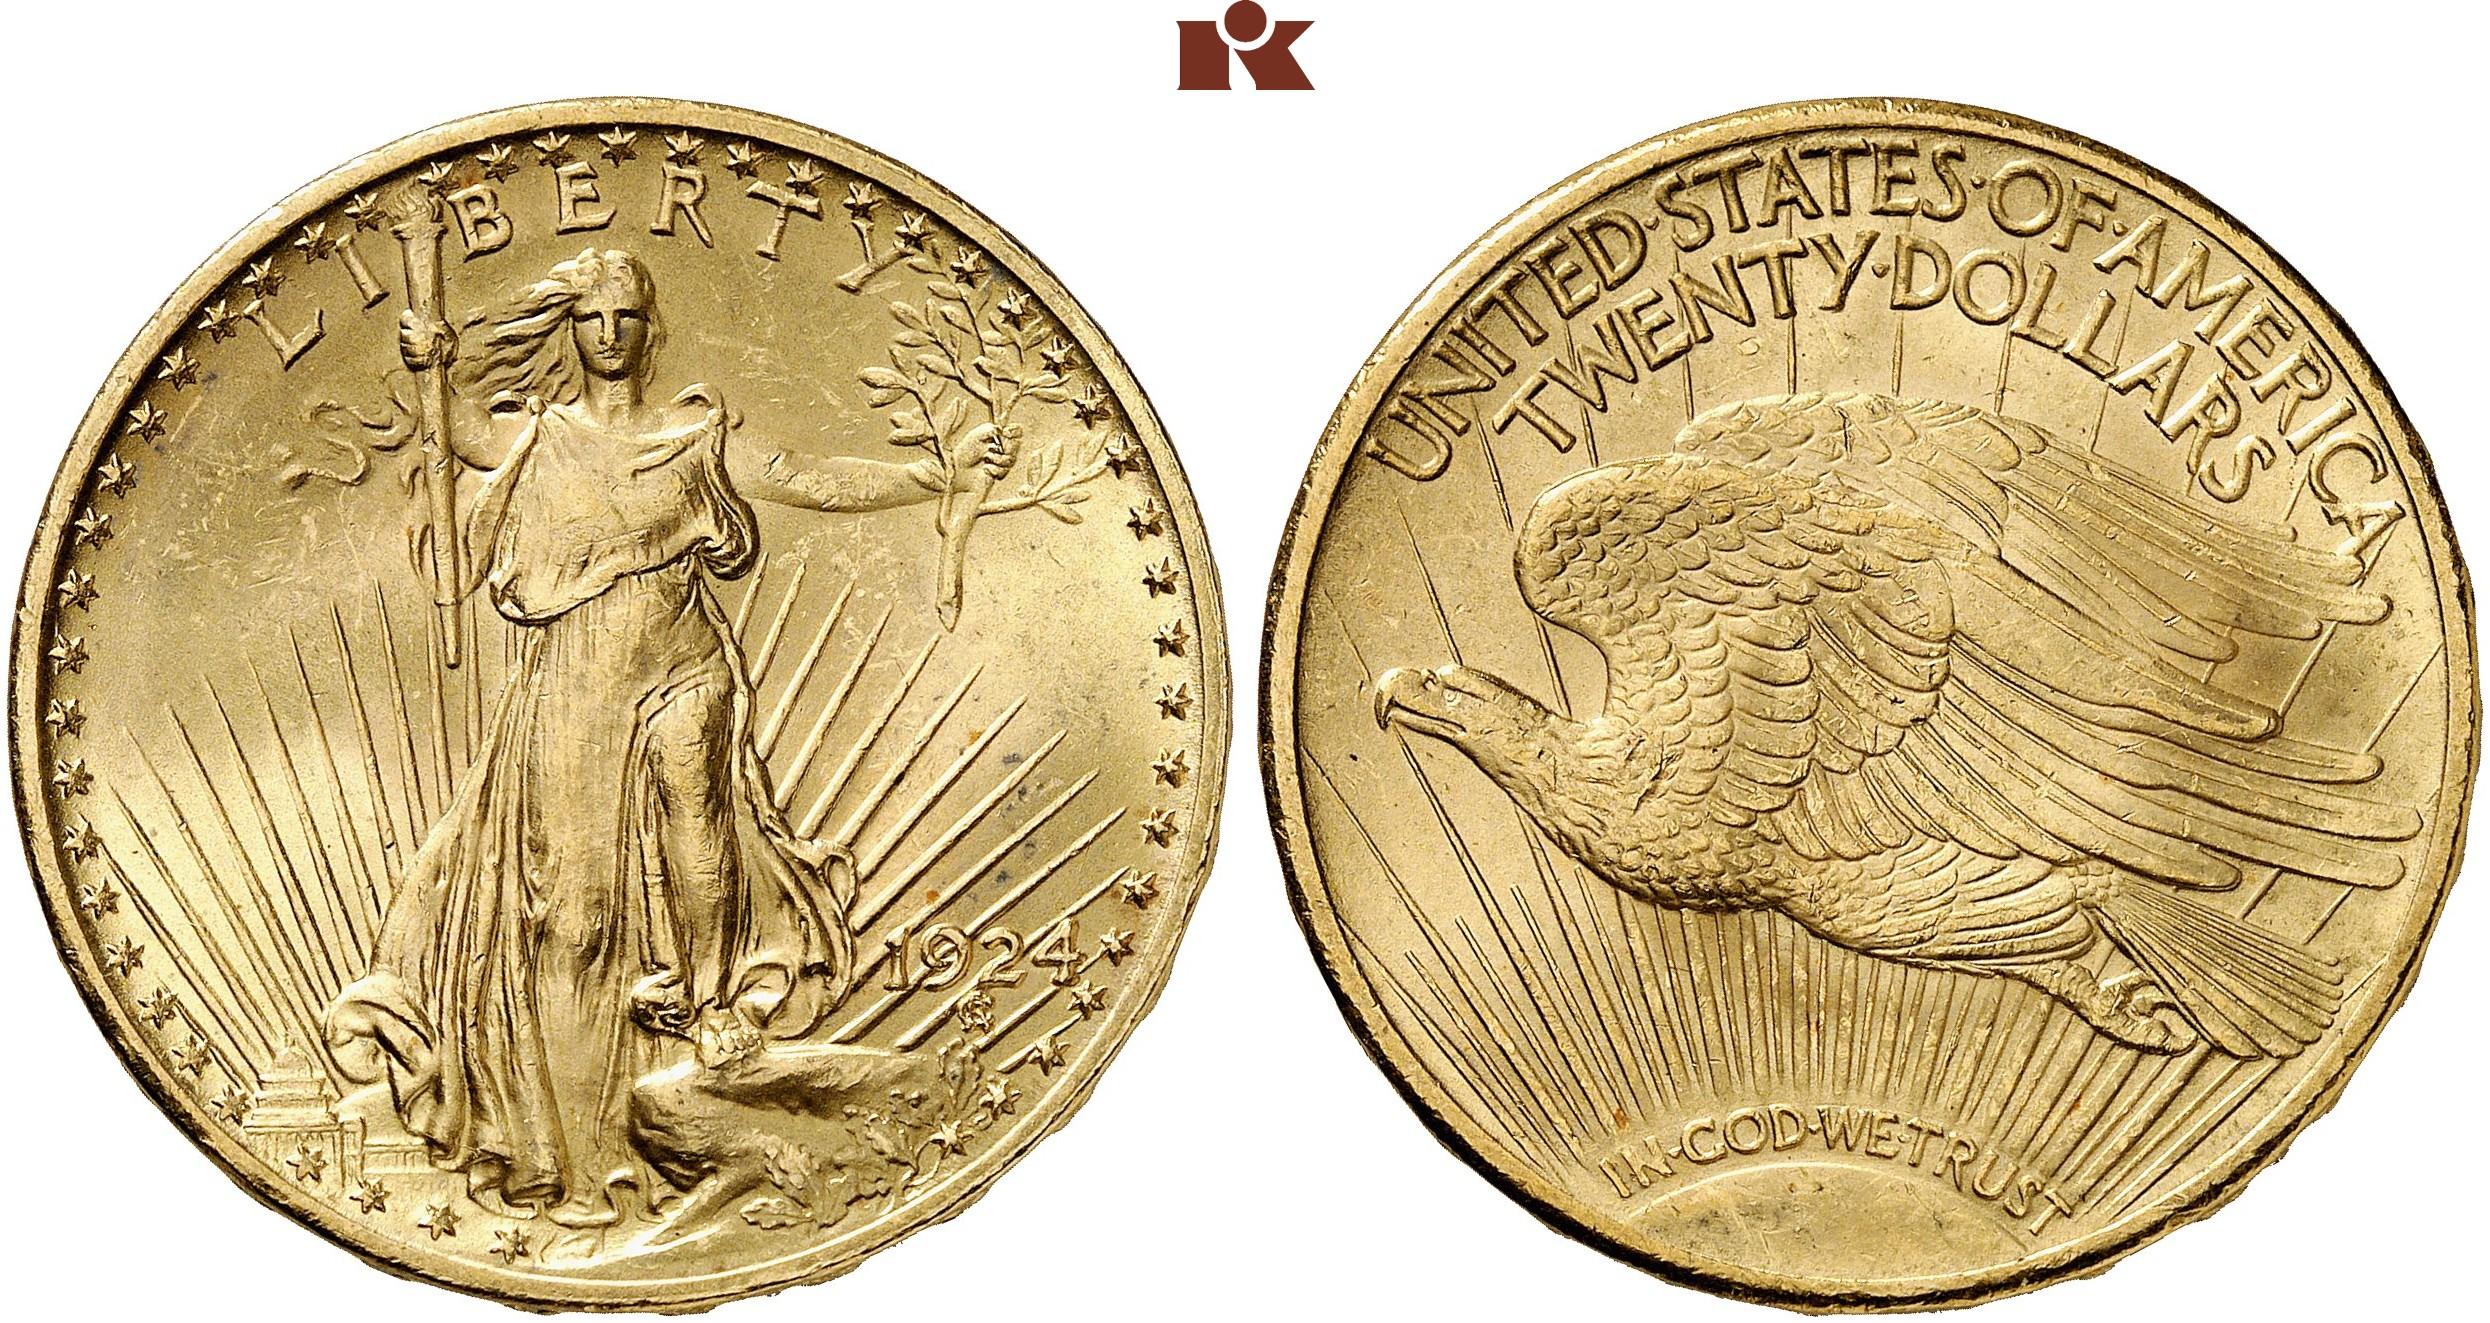 Föderation 20 Dollars 1924 Philadelphia Fb 185